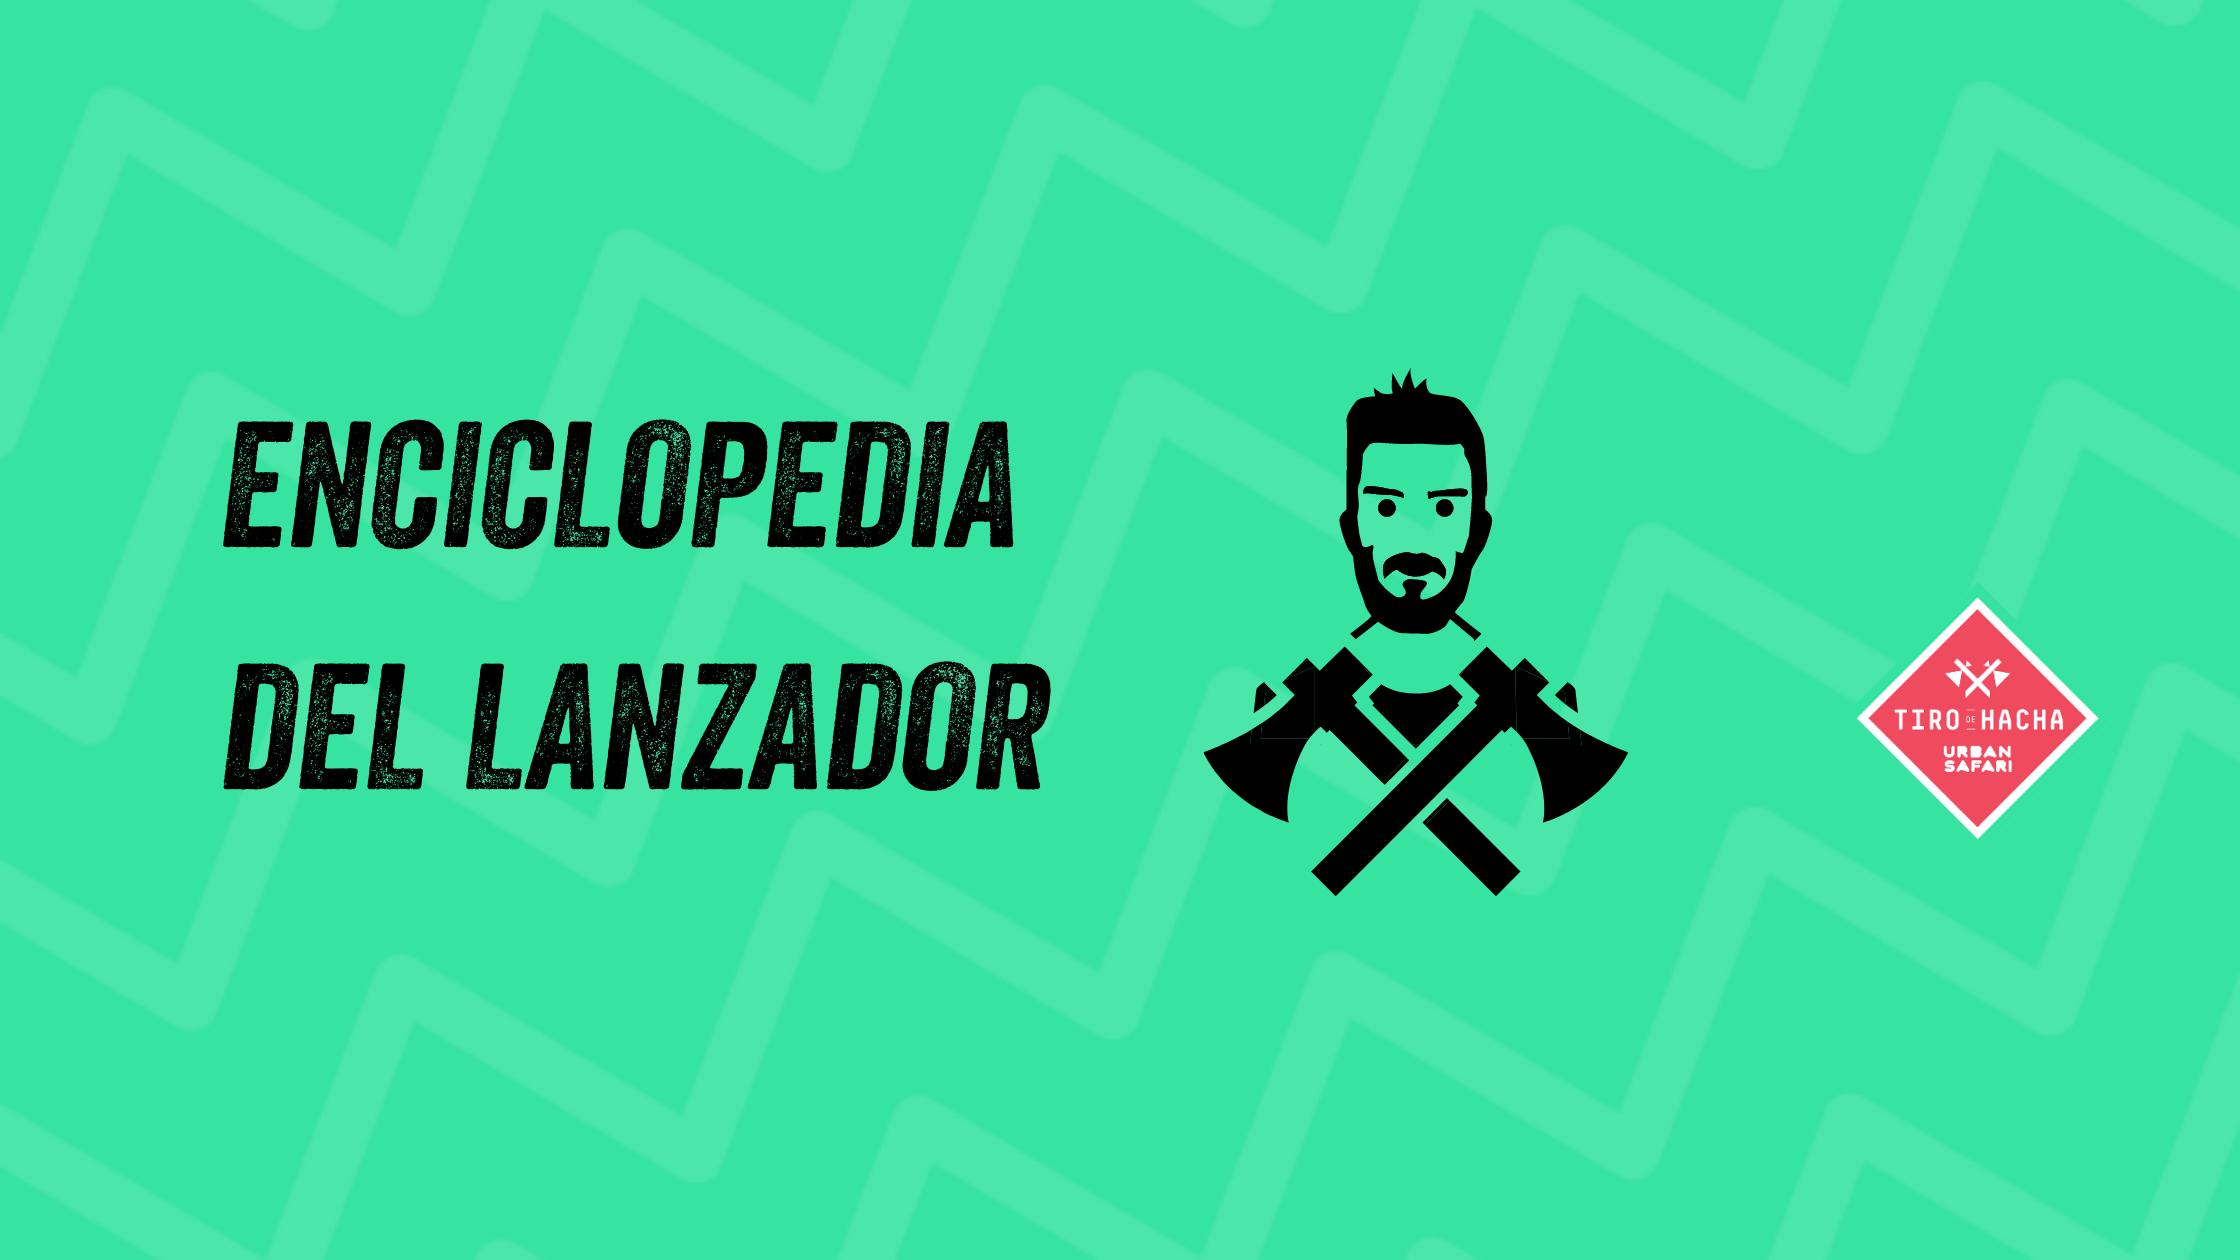 ENCICLOPEDIA LANZADOR